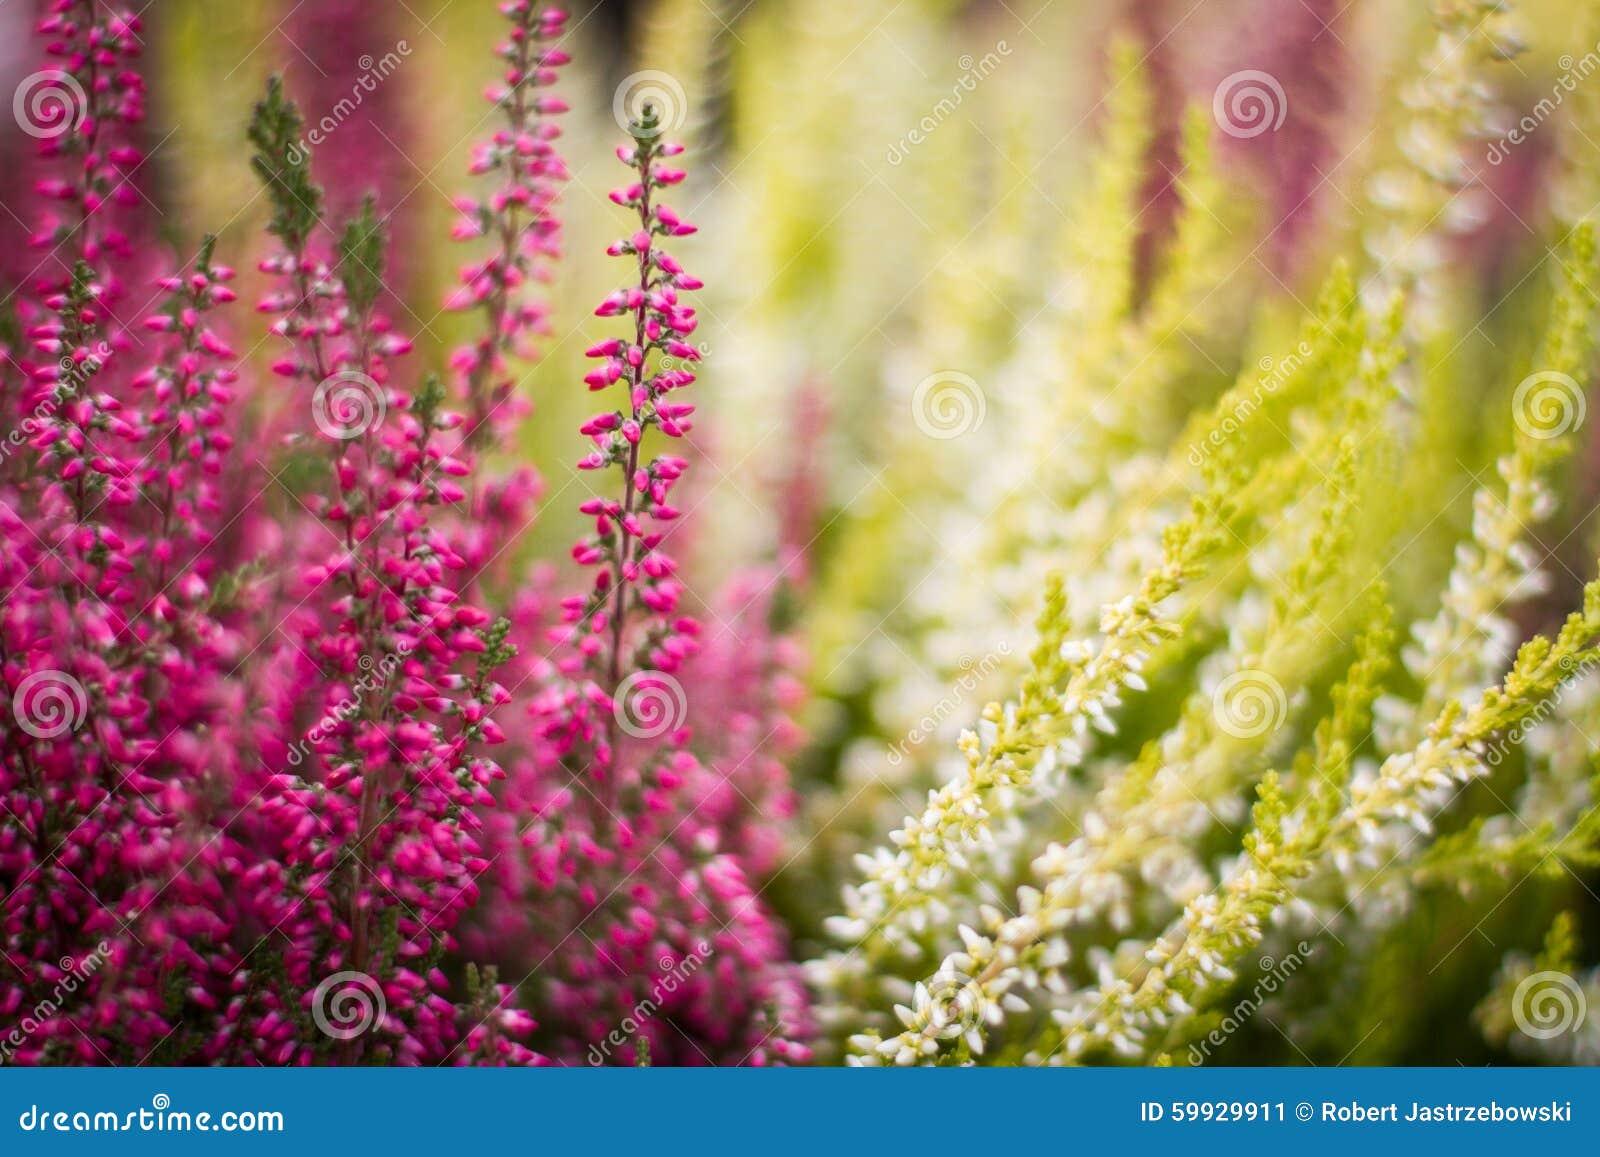 Wrzosów kwiaty